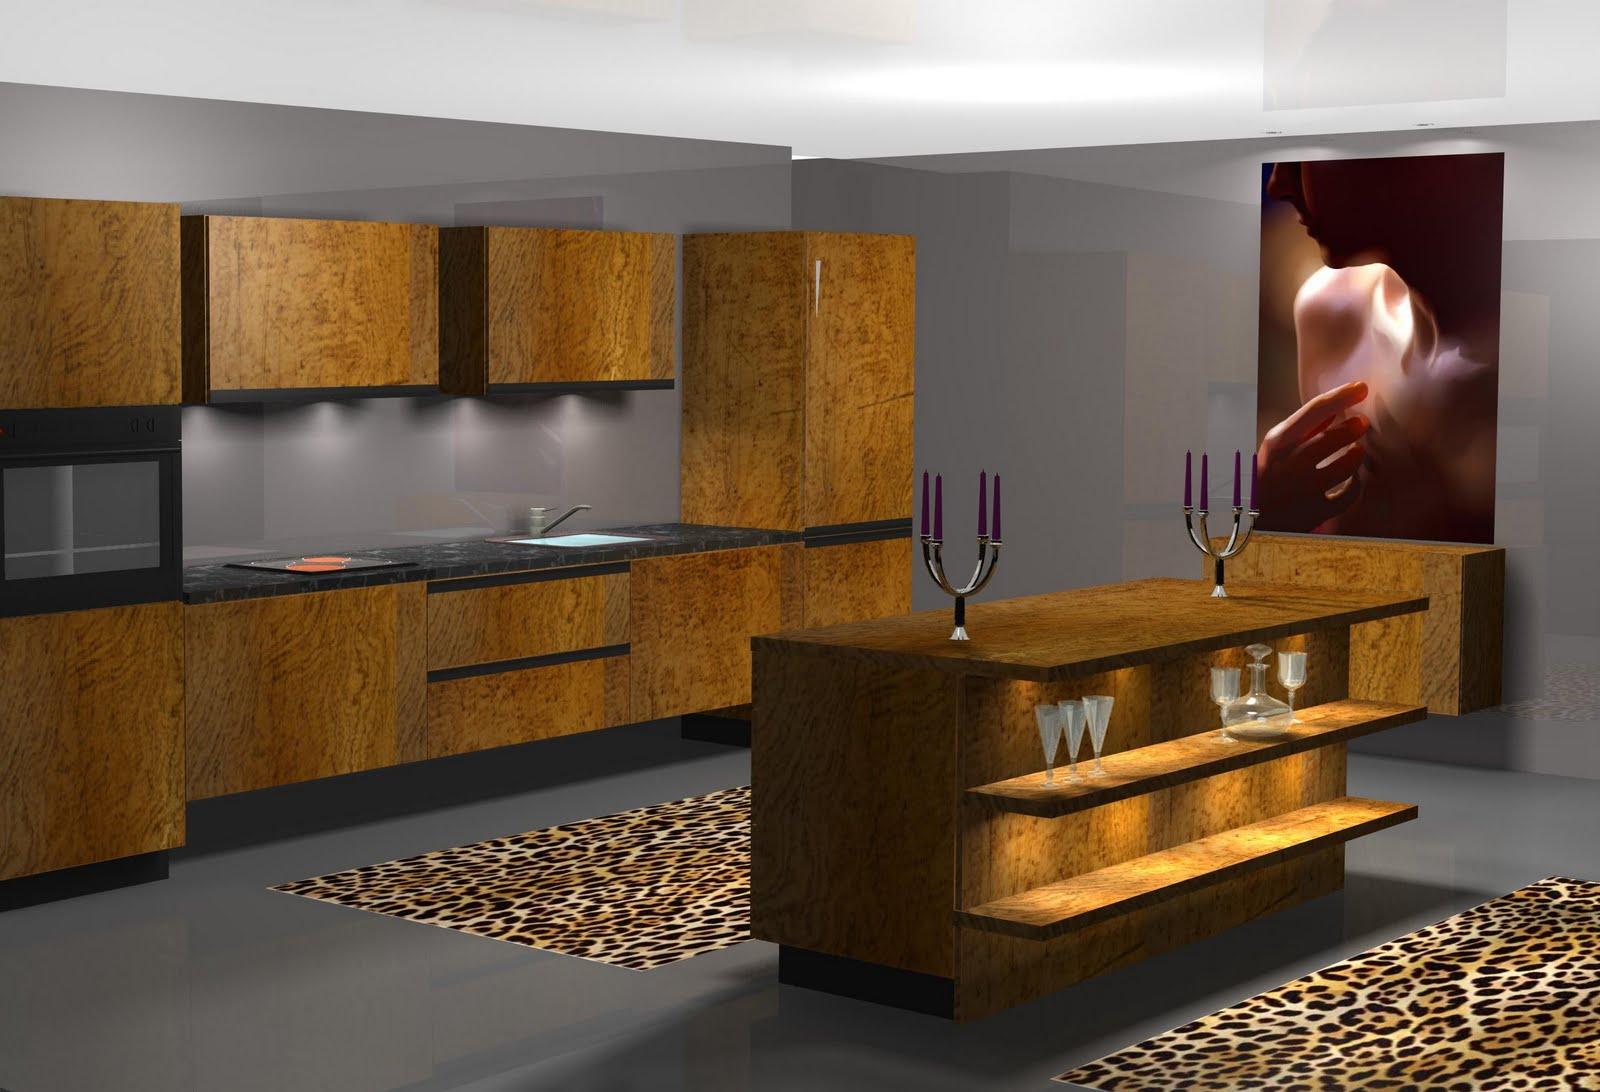 Diseño muebles de cocina: Diseño de cocina \